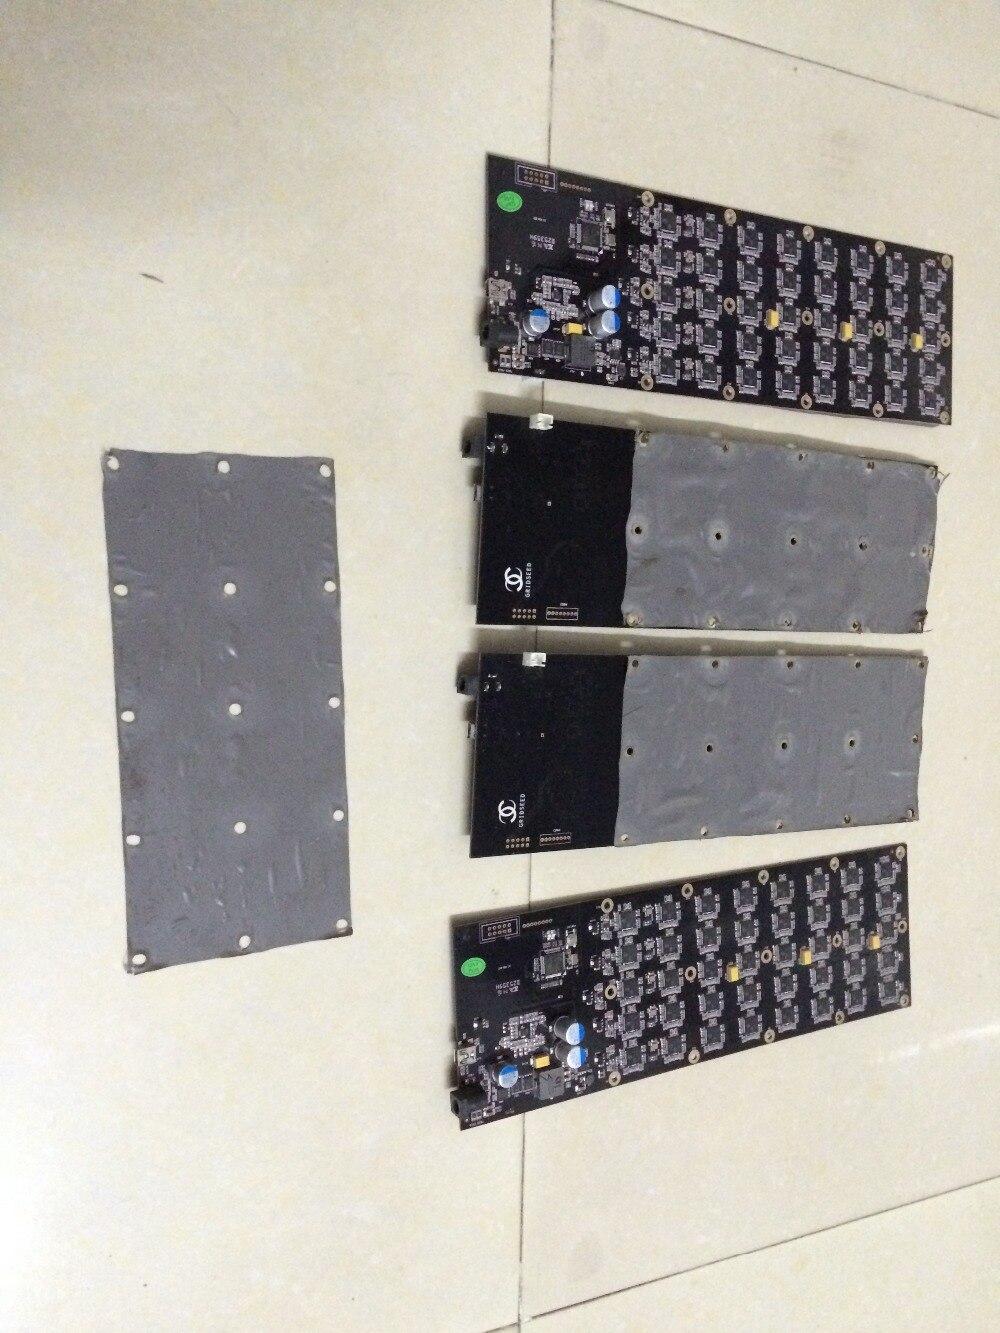 Envío libre gridseed 2.6-3 m USB ASIC minero scrypt minero litecoin Minería el PCB con silicona conductora térmica pad